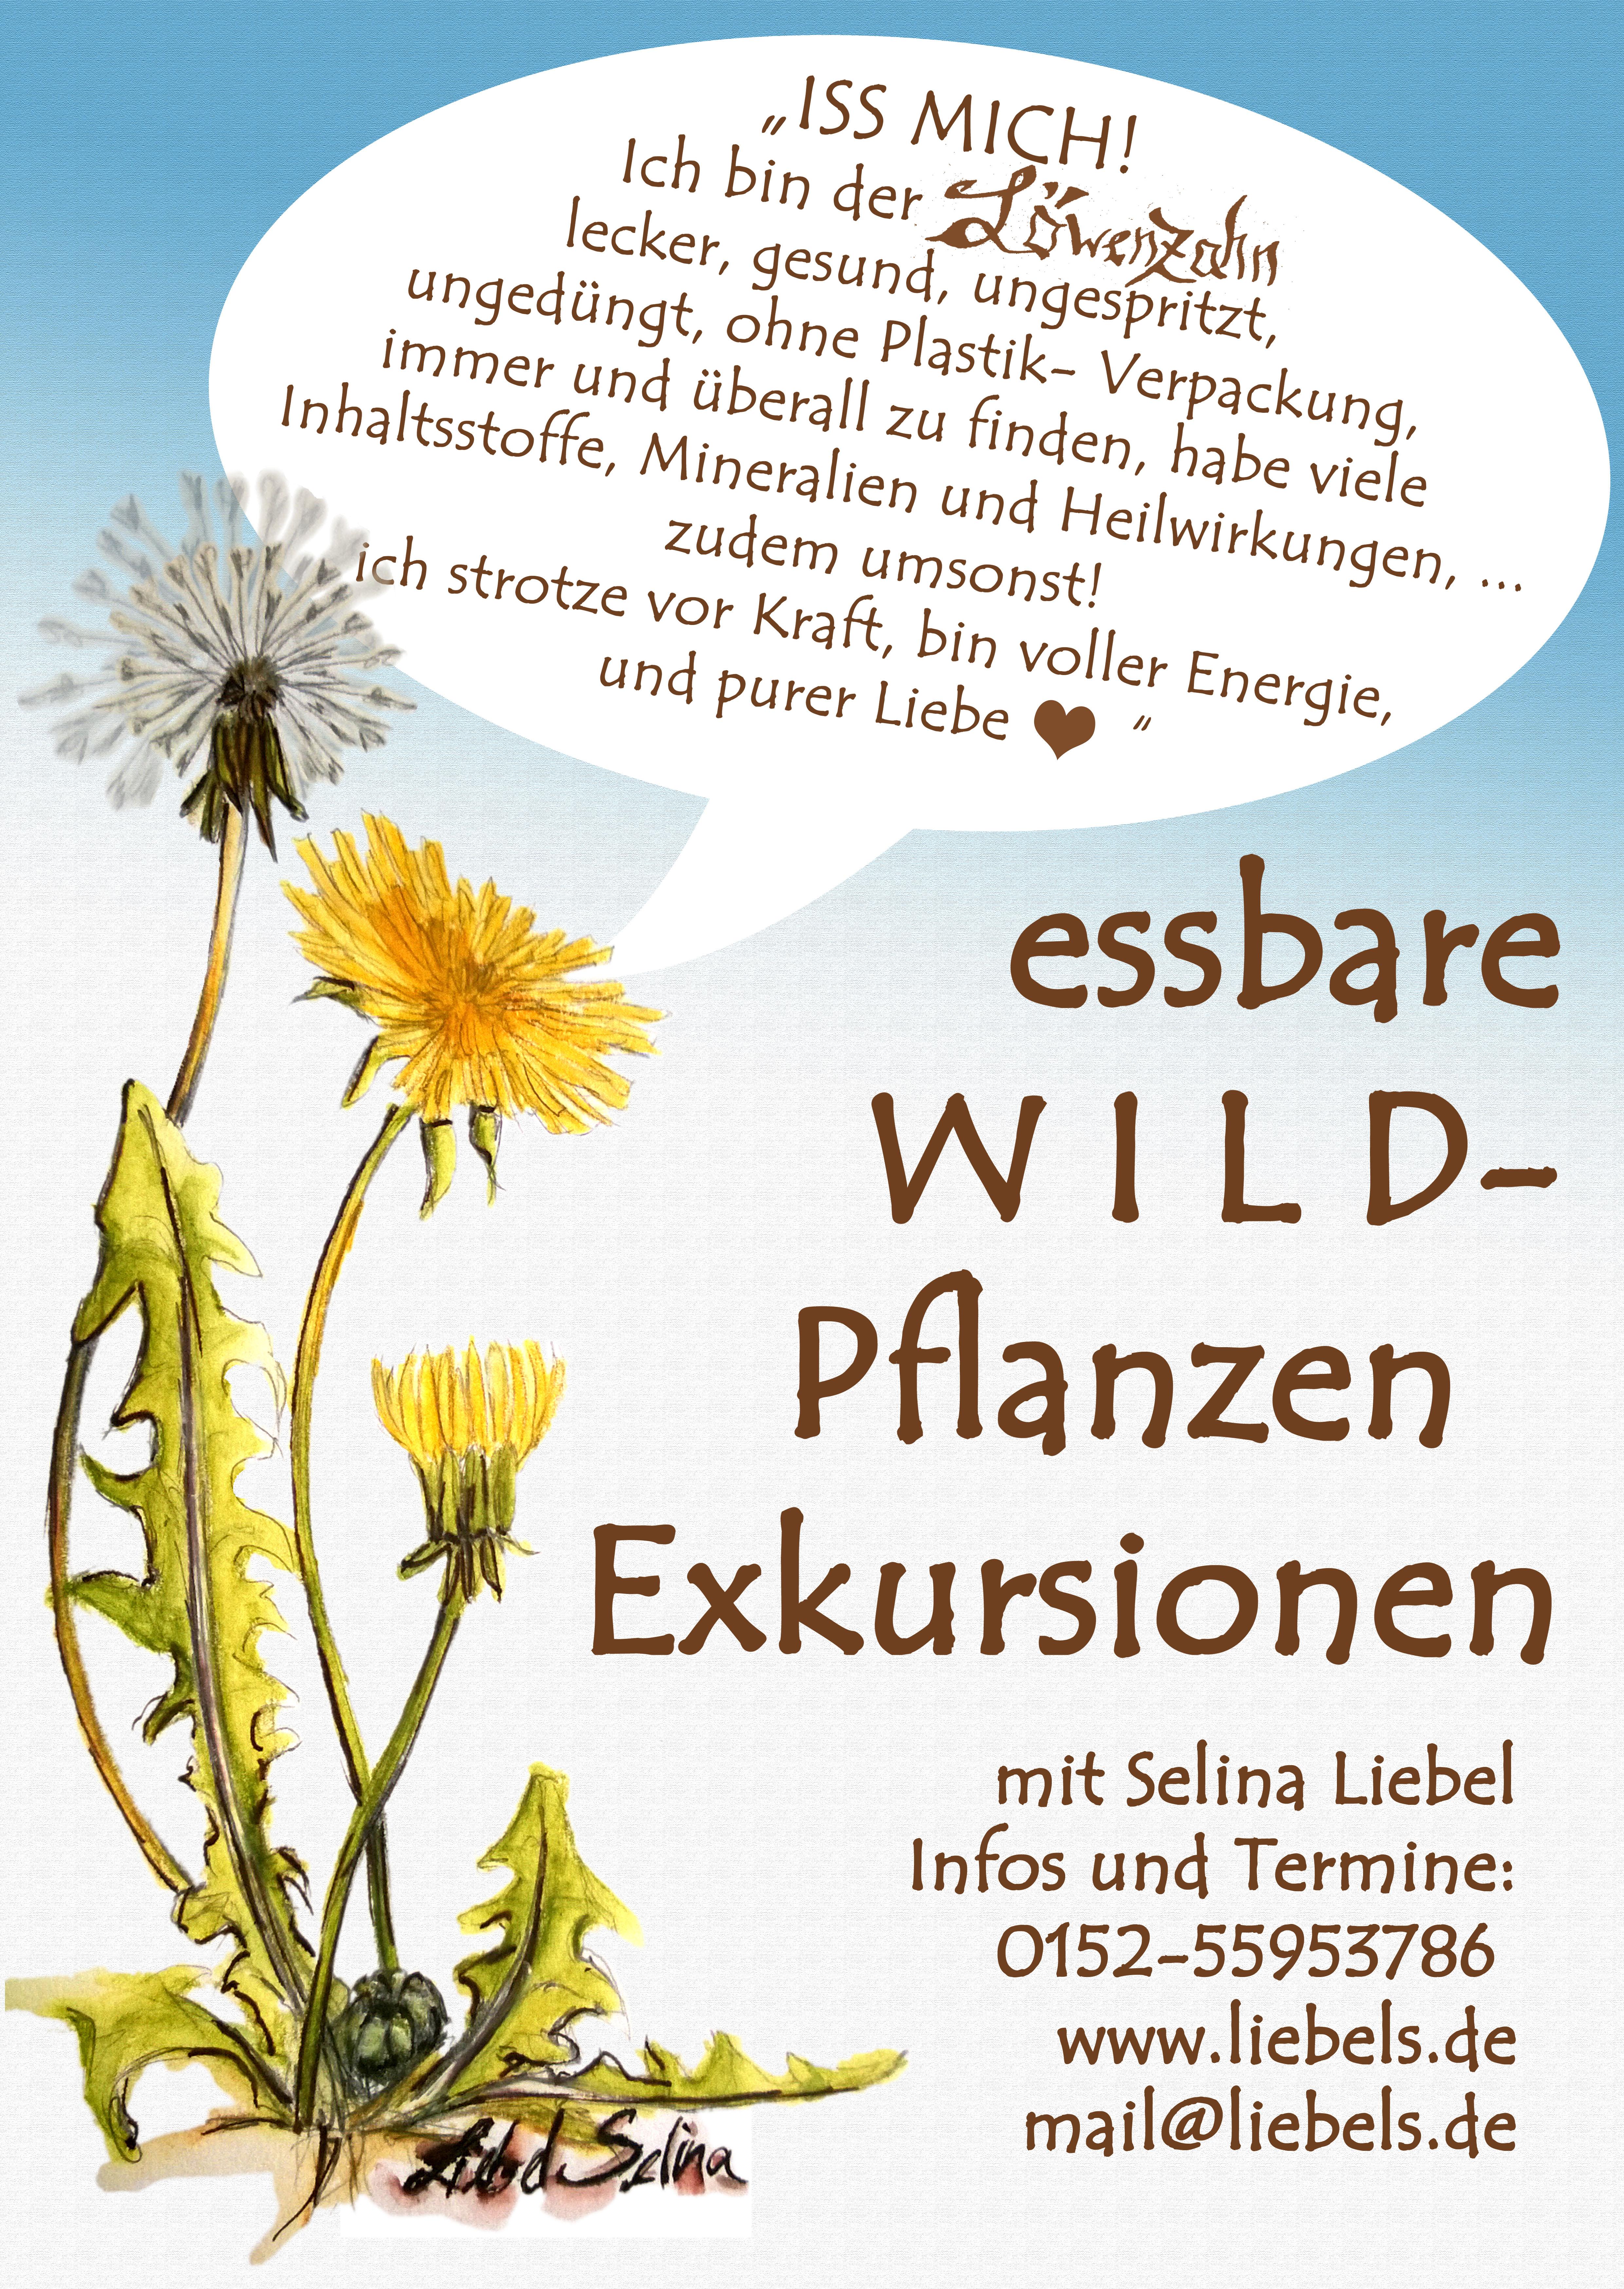 essbareWILD Pflanzen Exkursion